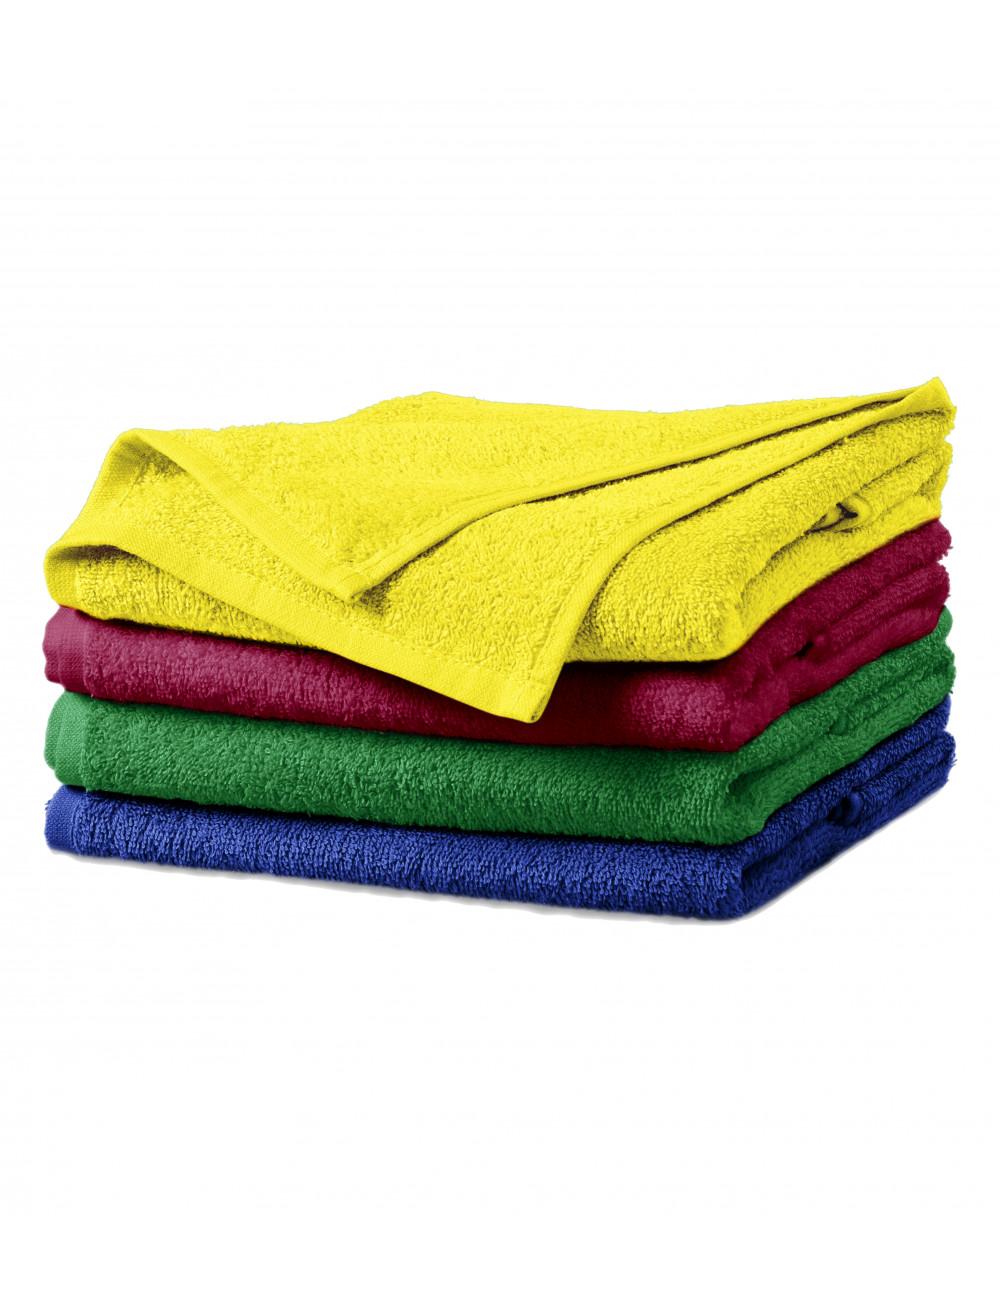 Adler MALFINI Ręcznik unisex Terry Towel 908 marlboro czerwony